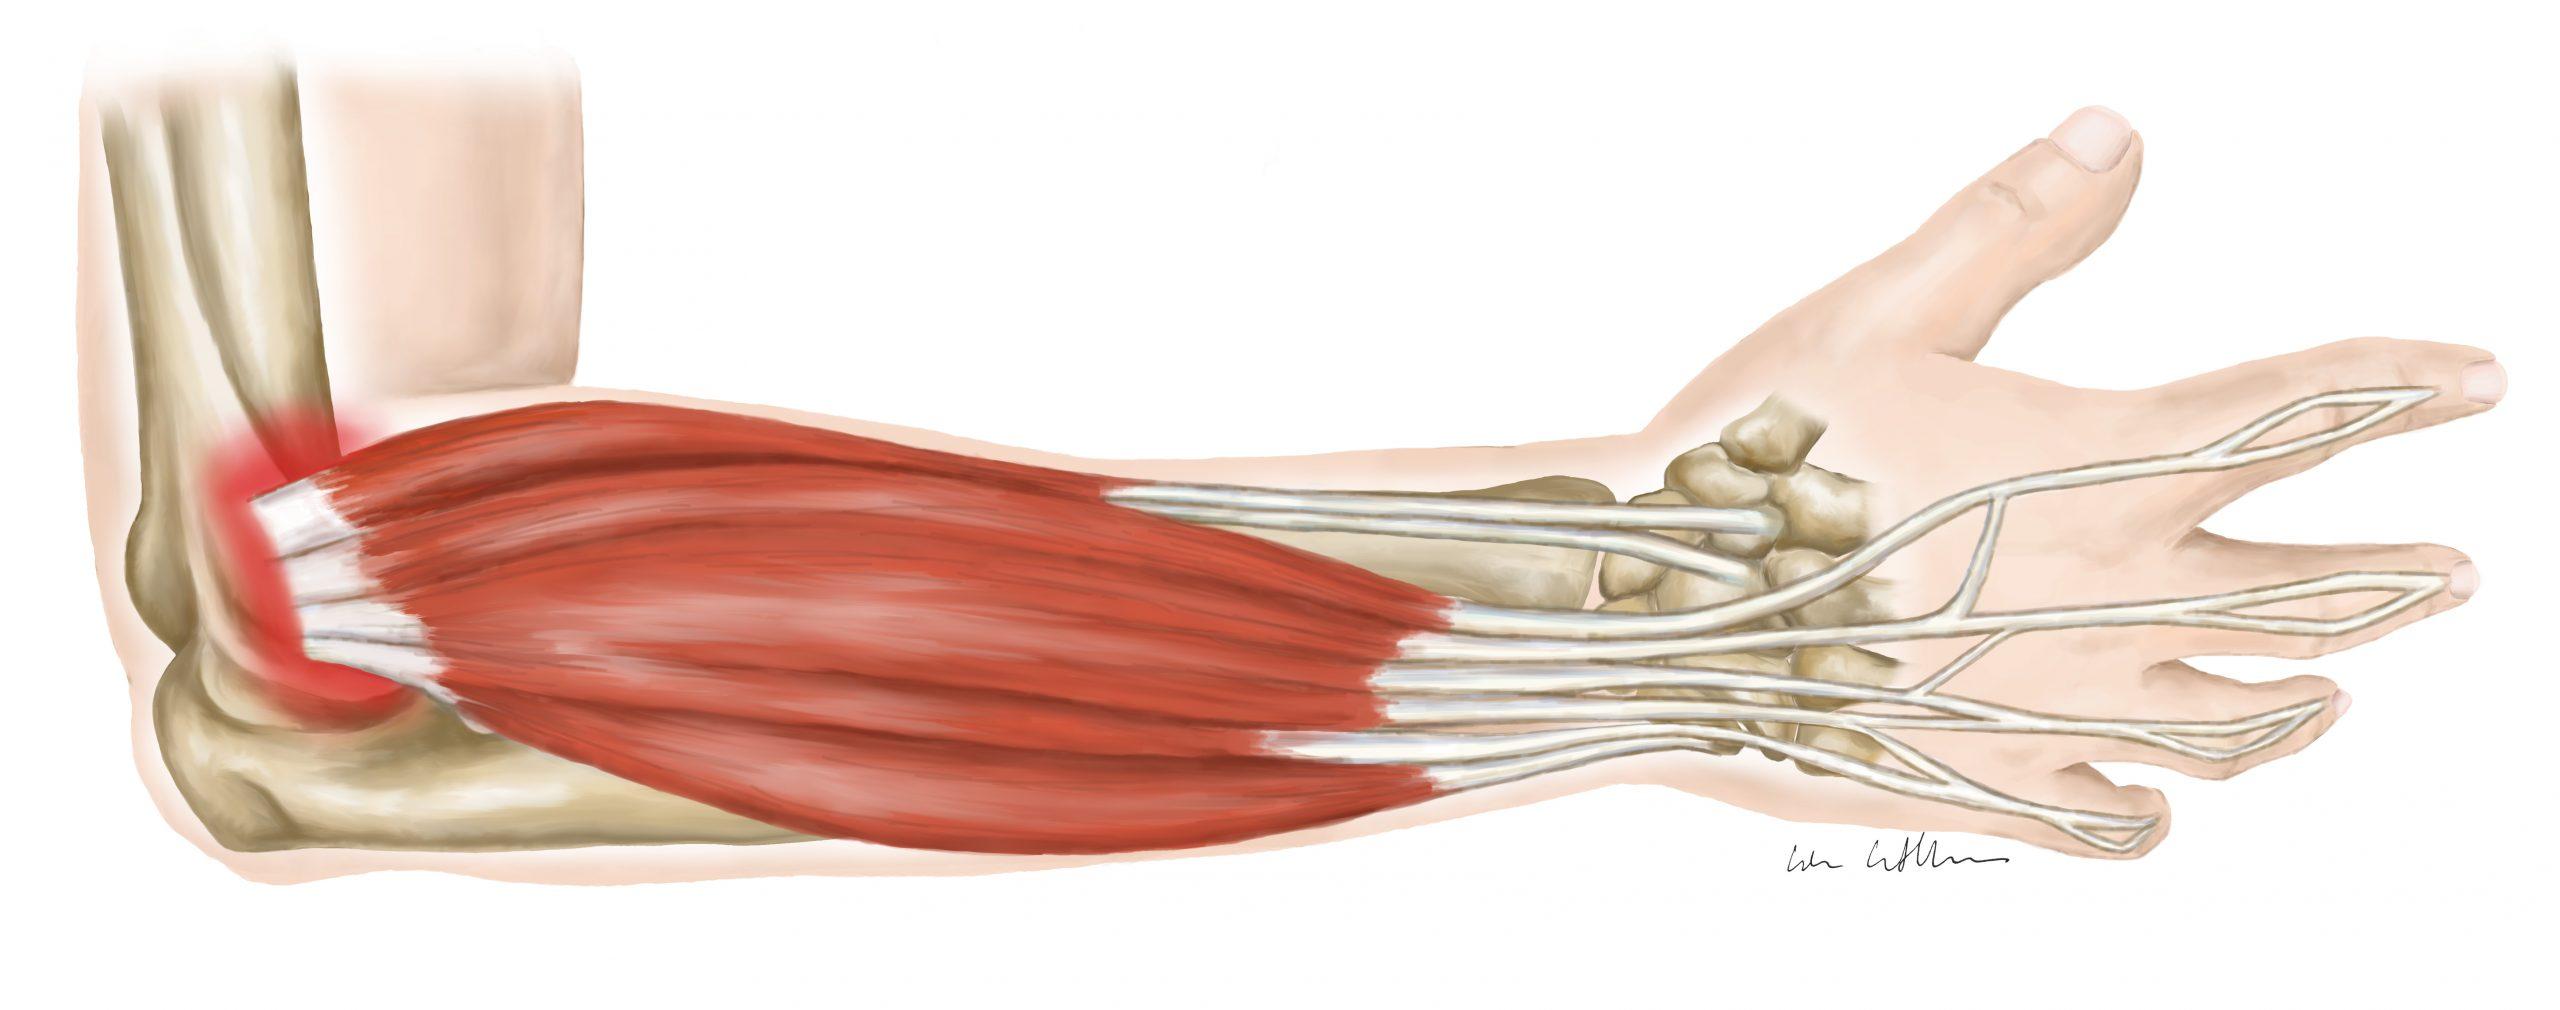 Eine Illustration von Lisa Cuthbertson die die Anatomie des Unterarms mit Tennisellbogen zeigt